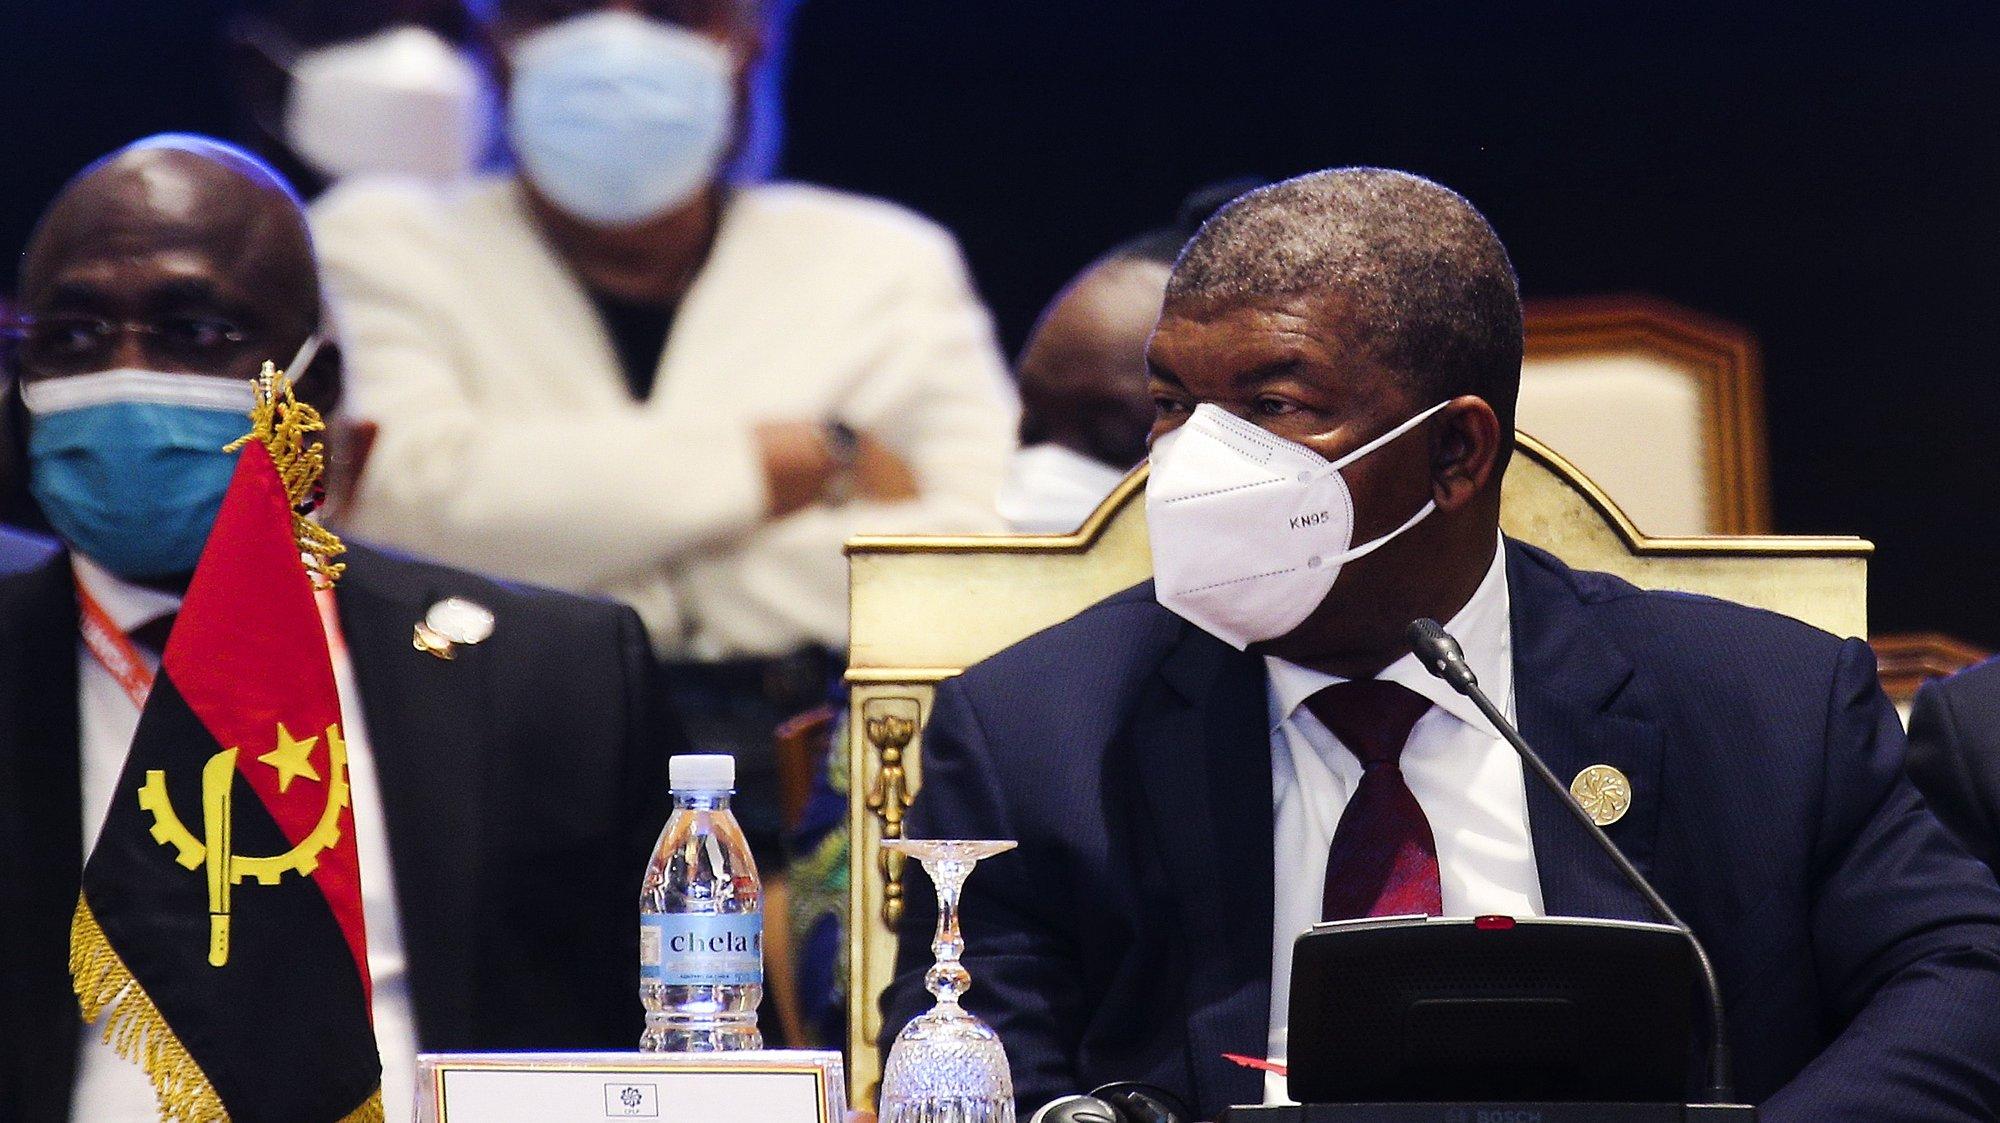 """O Presidente da República de Angola, João Lourenço (C), na sessão de abertura da XIII Conferência de Chefes de Estado e de Governo da Comunidade dos Países de Língua Portuguesa (CPLP), em Luanda, Angola, 17 de julho de 2021. Nesta cimeira, que decorre sob o tema """"Construir e Fortalecer um Futuro Comum e Sustentável"""", Angola assume a presidência rotativa da CPLP, até agora assegurada por Cabo Verde. AMPE ROGÉRIO/LUSA"""